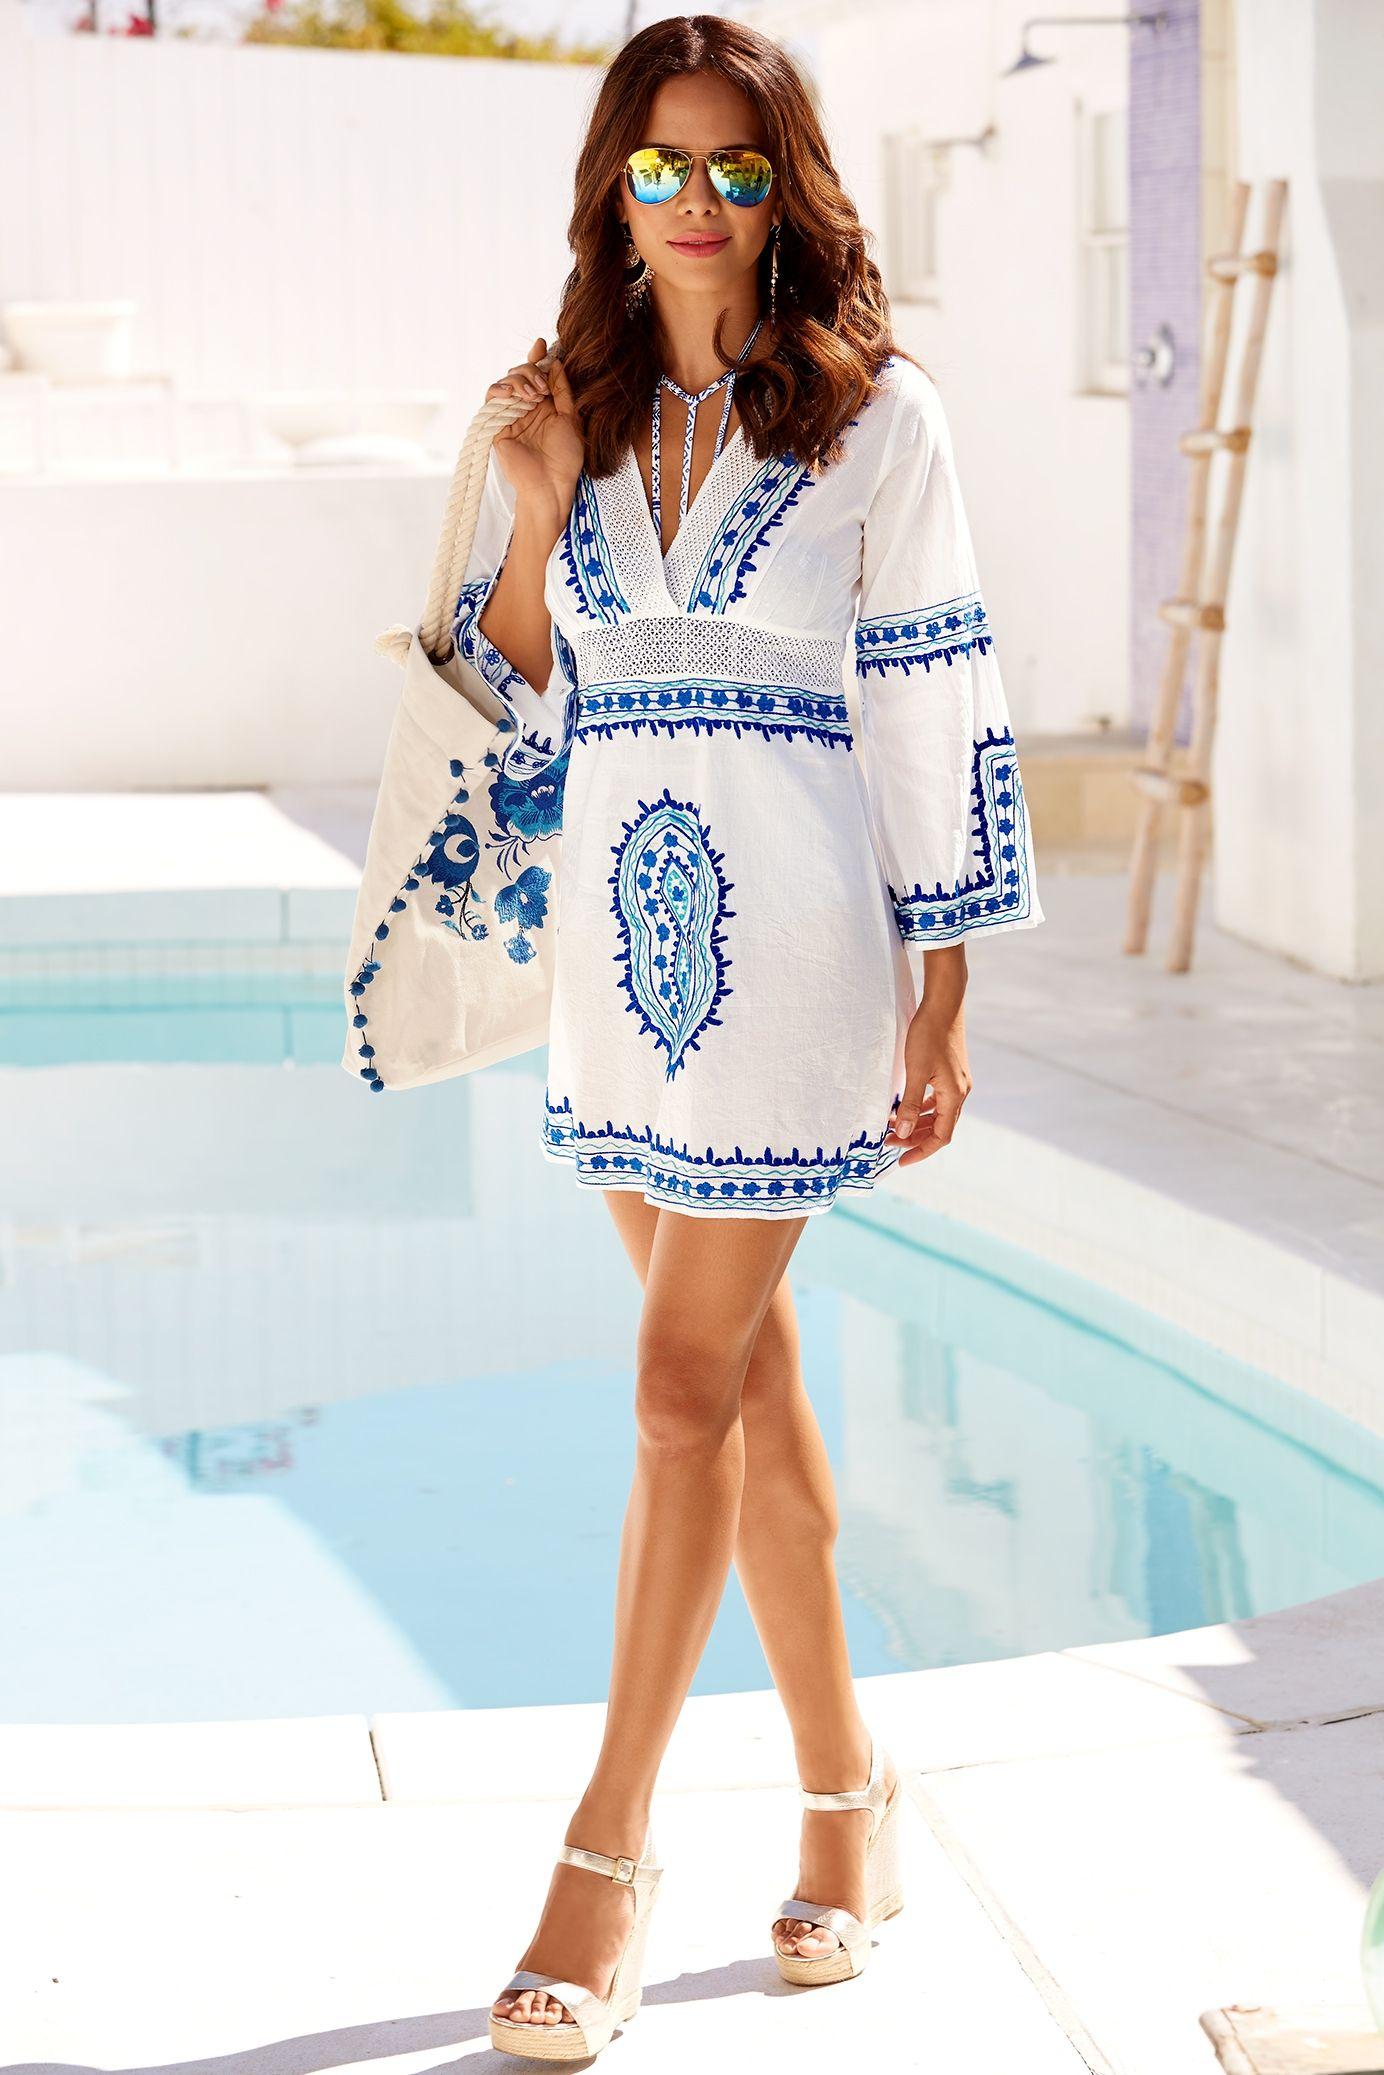 La Moda Clothing Day Dress Resort Dresses Summer Dresses For Women